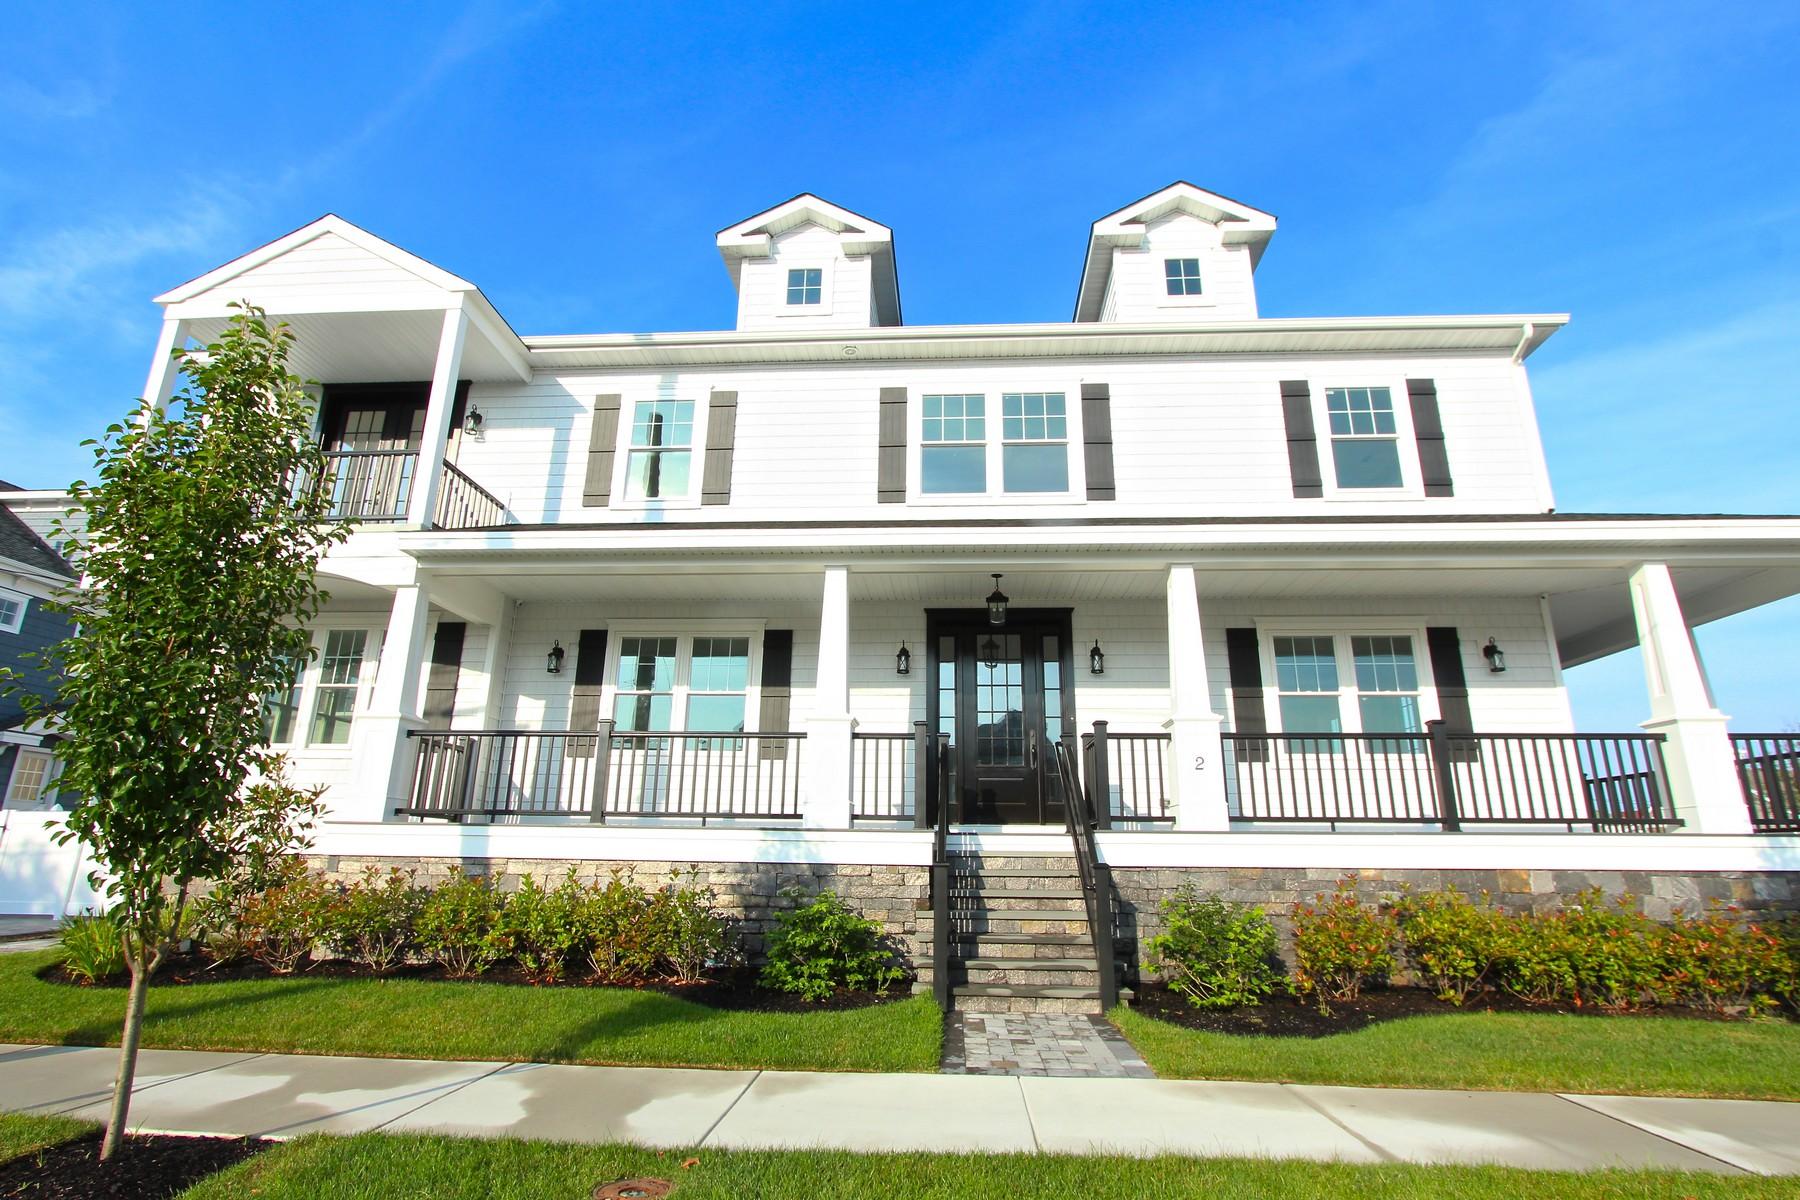 Casa Unifamiliar por un Venta en 2 S Hanover Avenue Margate, Nueva Jersey 08402 Estados Unidos